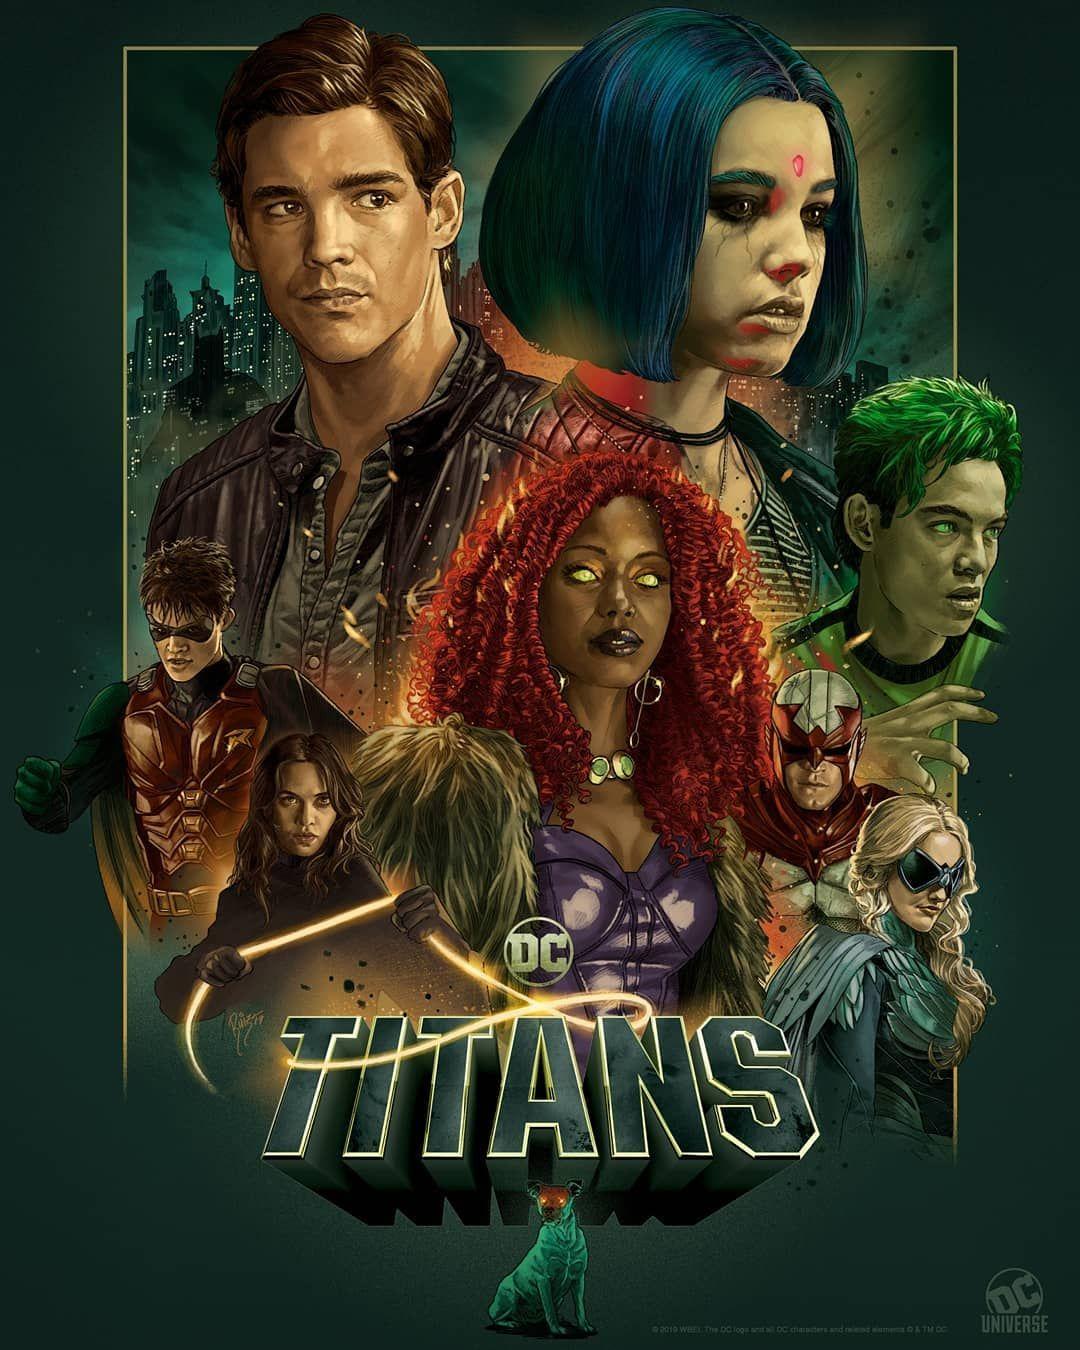 Titans season 2 netflix